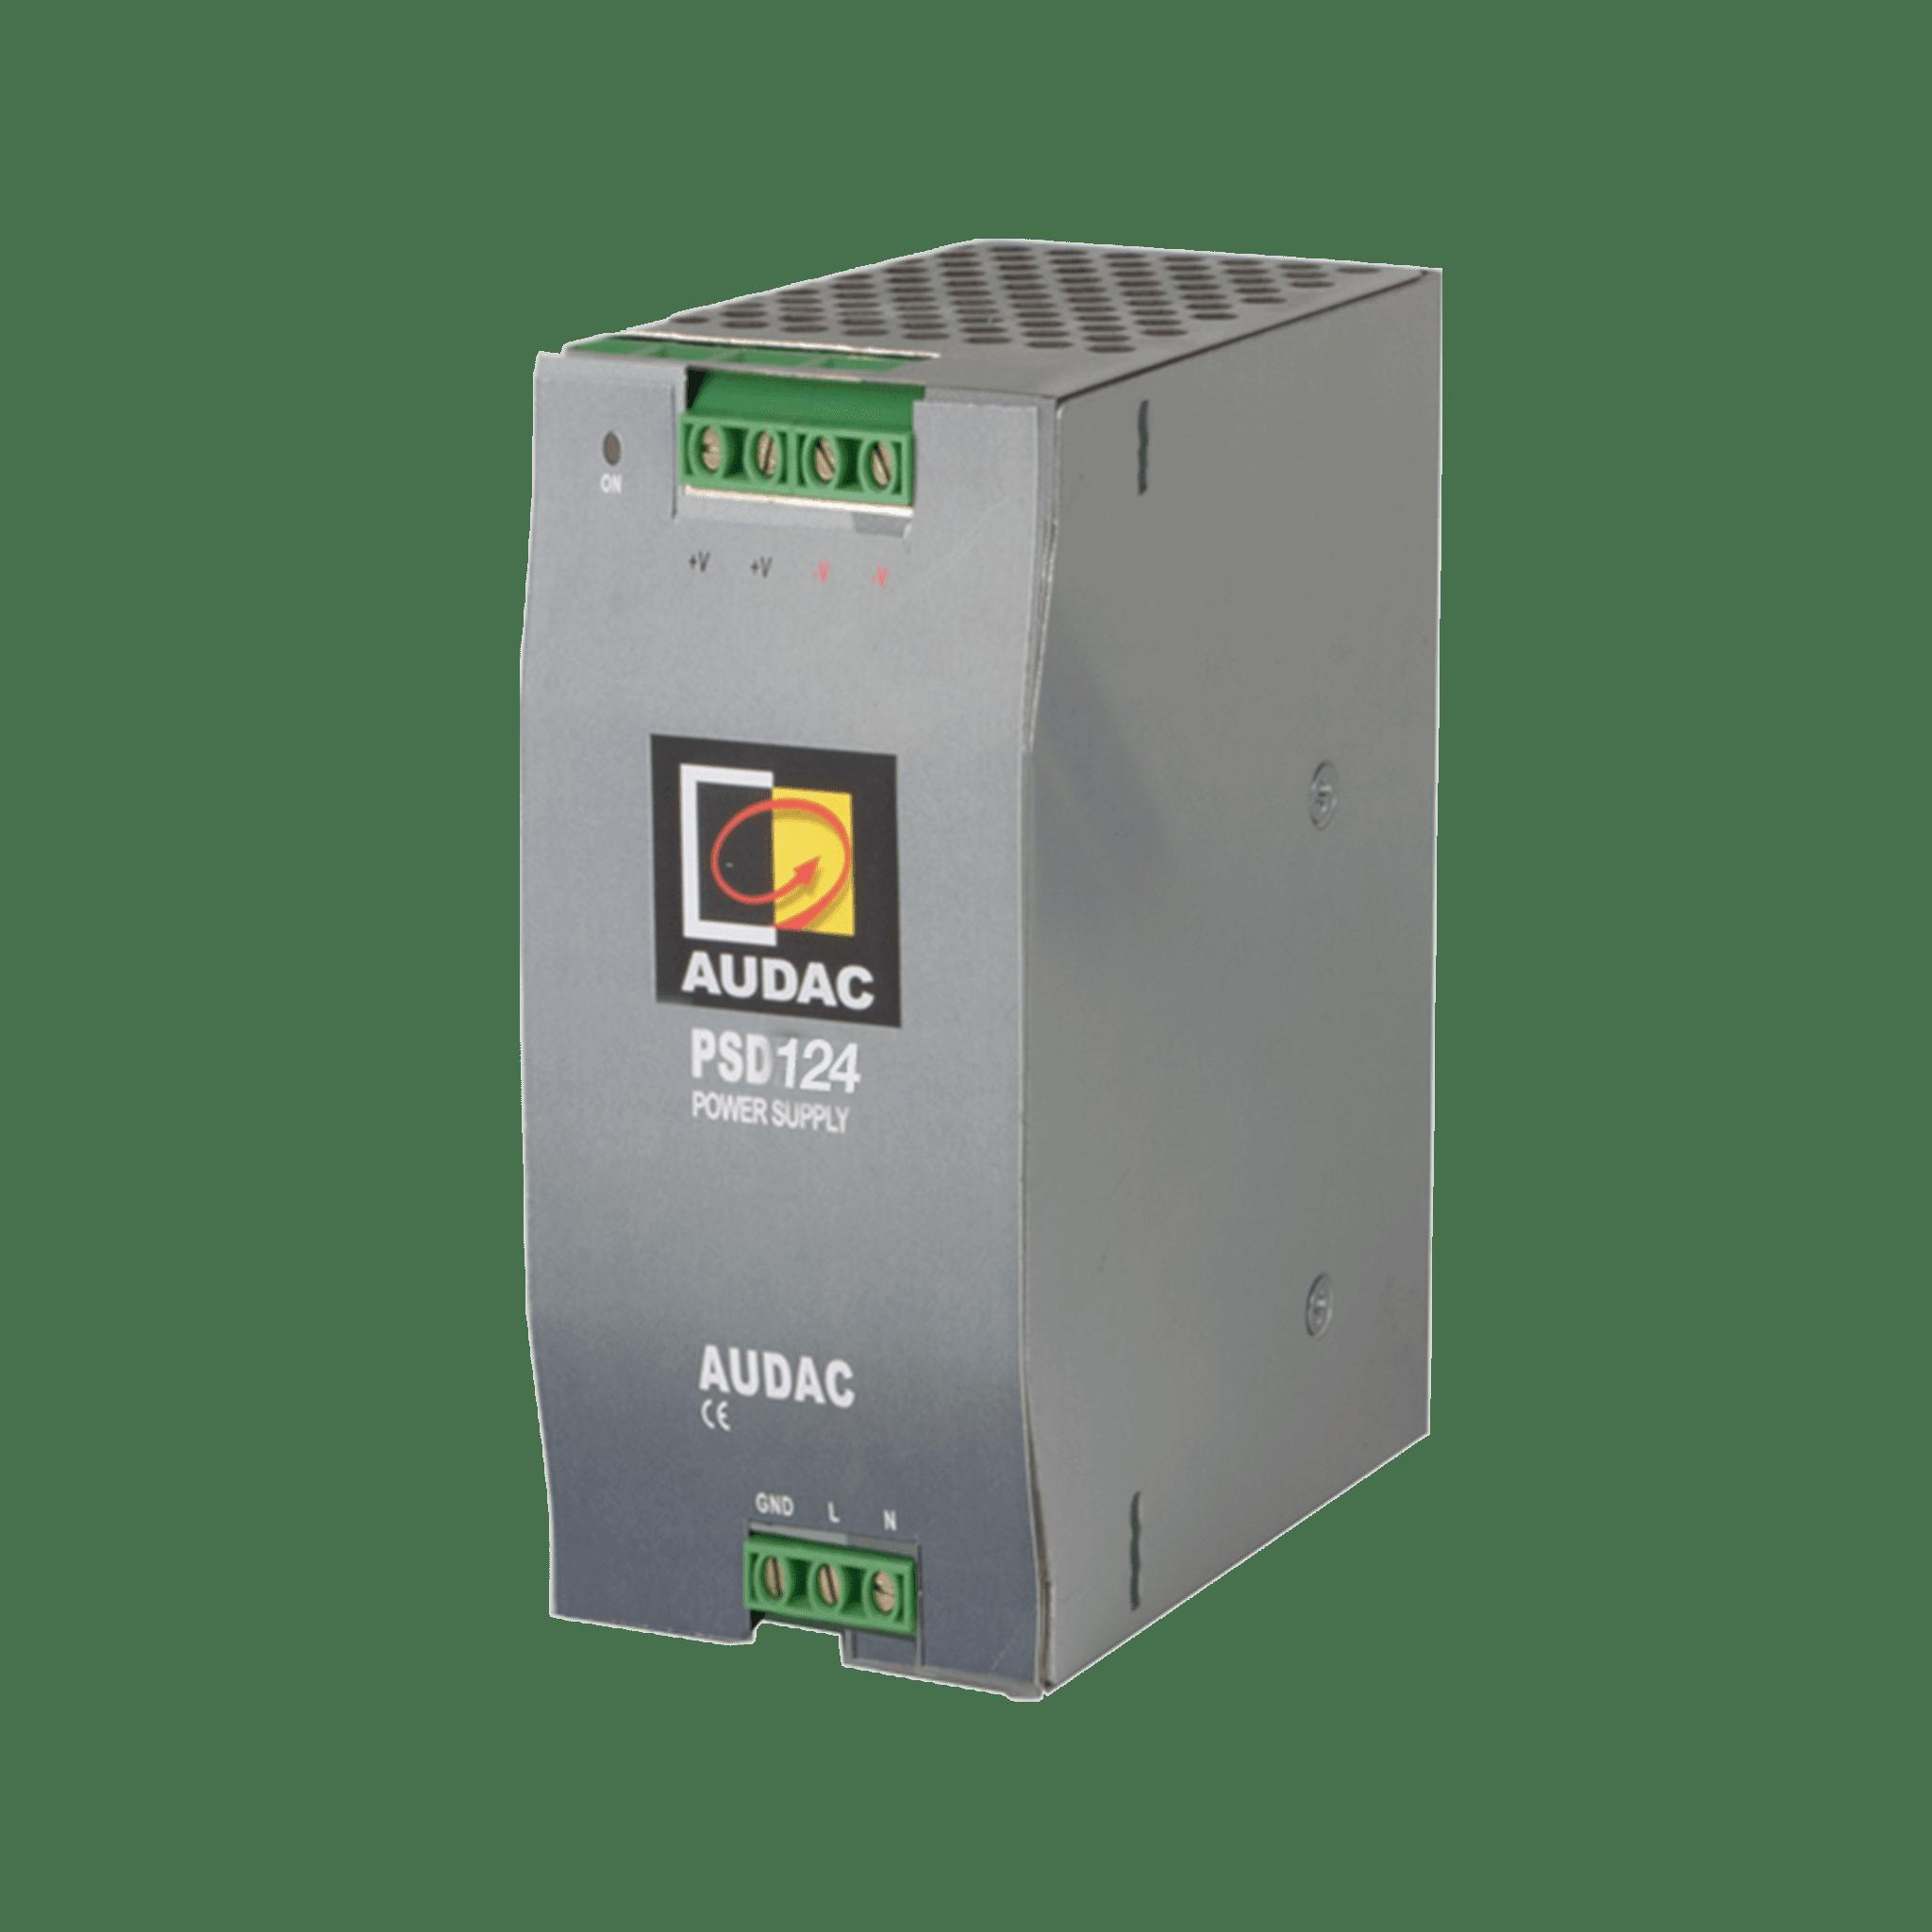 PSD124 - Power supply 12V DC 4A 50W